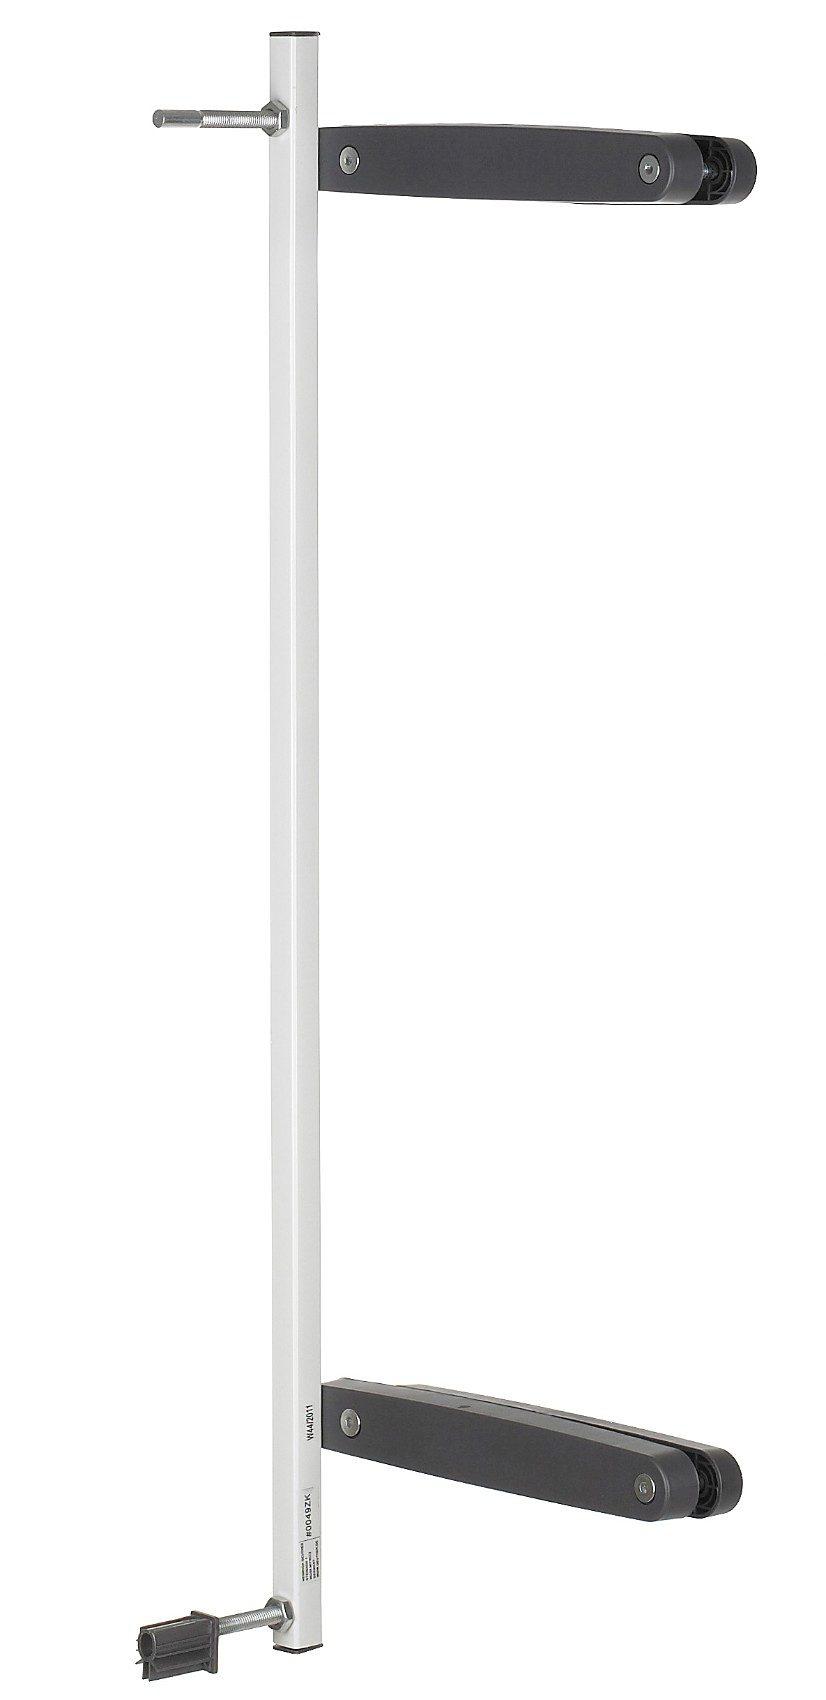 Geuther Zusatzklemmen Set für Easy Lock, weiß (0049ZK)